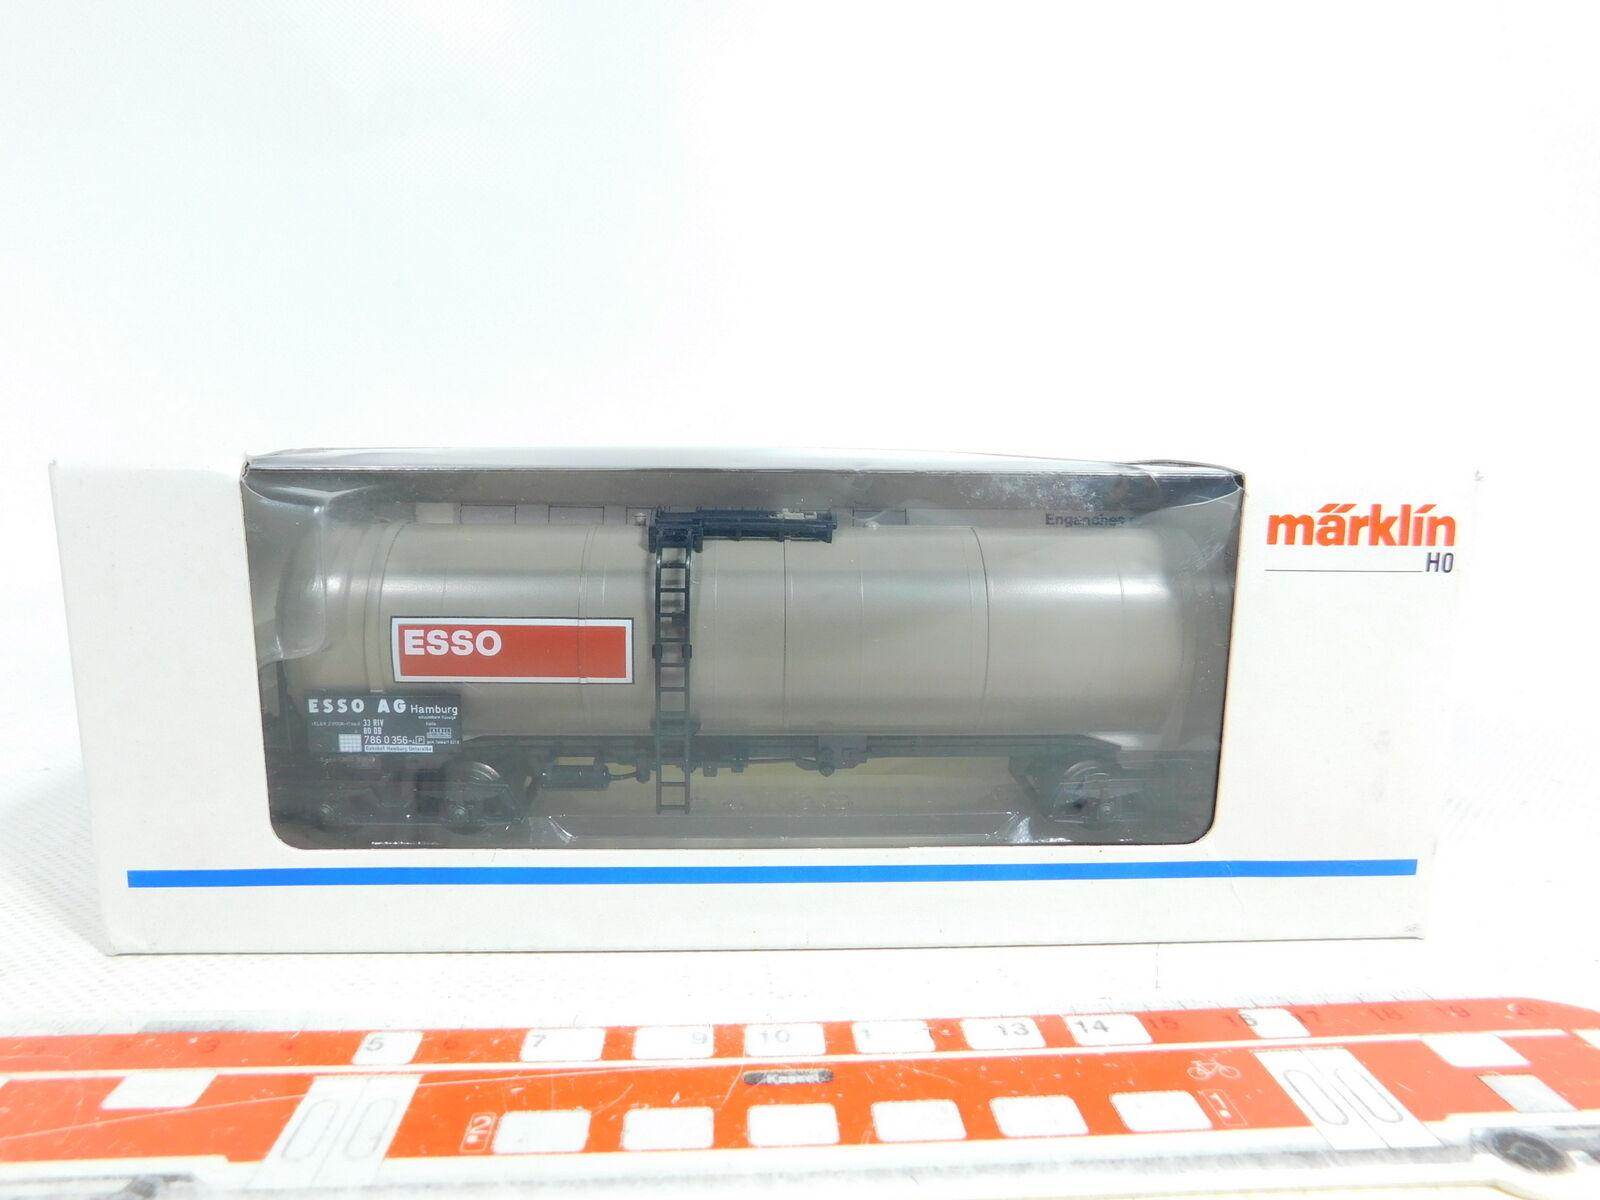 BX627-0,5 Märklin H0   Ac 4754 Vagón Cisterna   de Mercancía Esso Nem Kk Nuevo